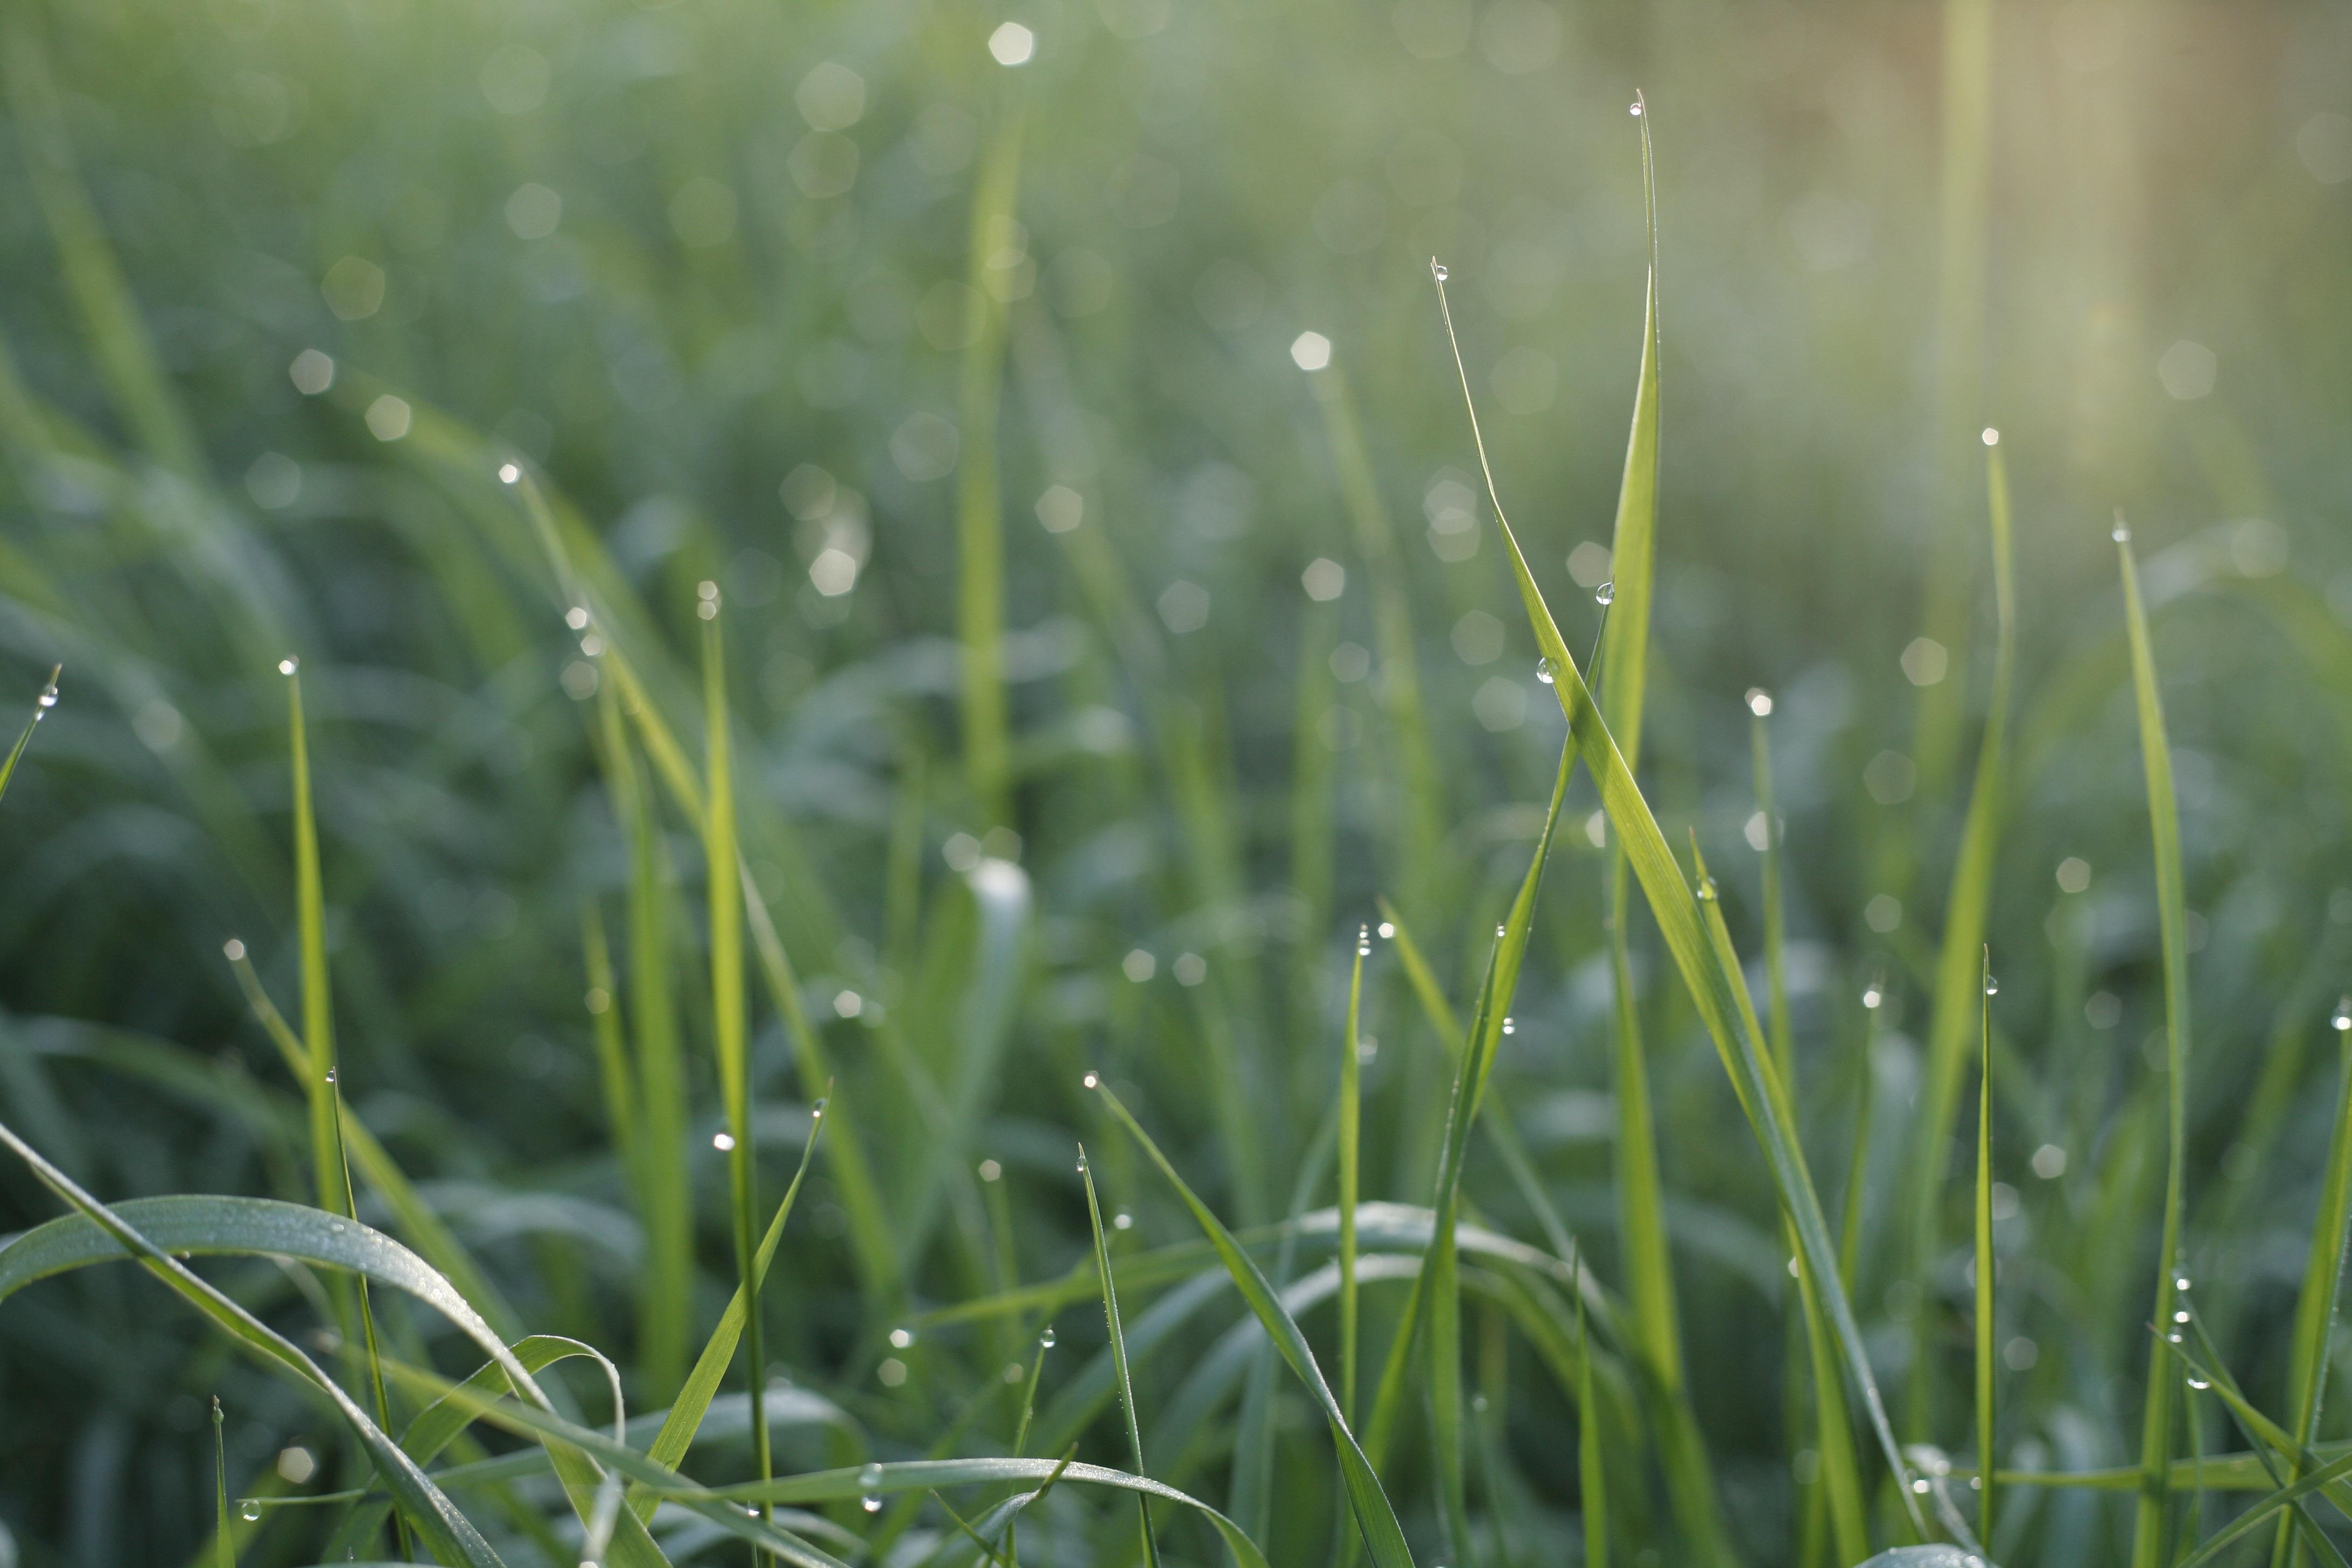 всех картинки трава с росинкой обзора фотостудий